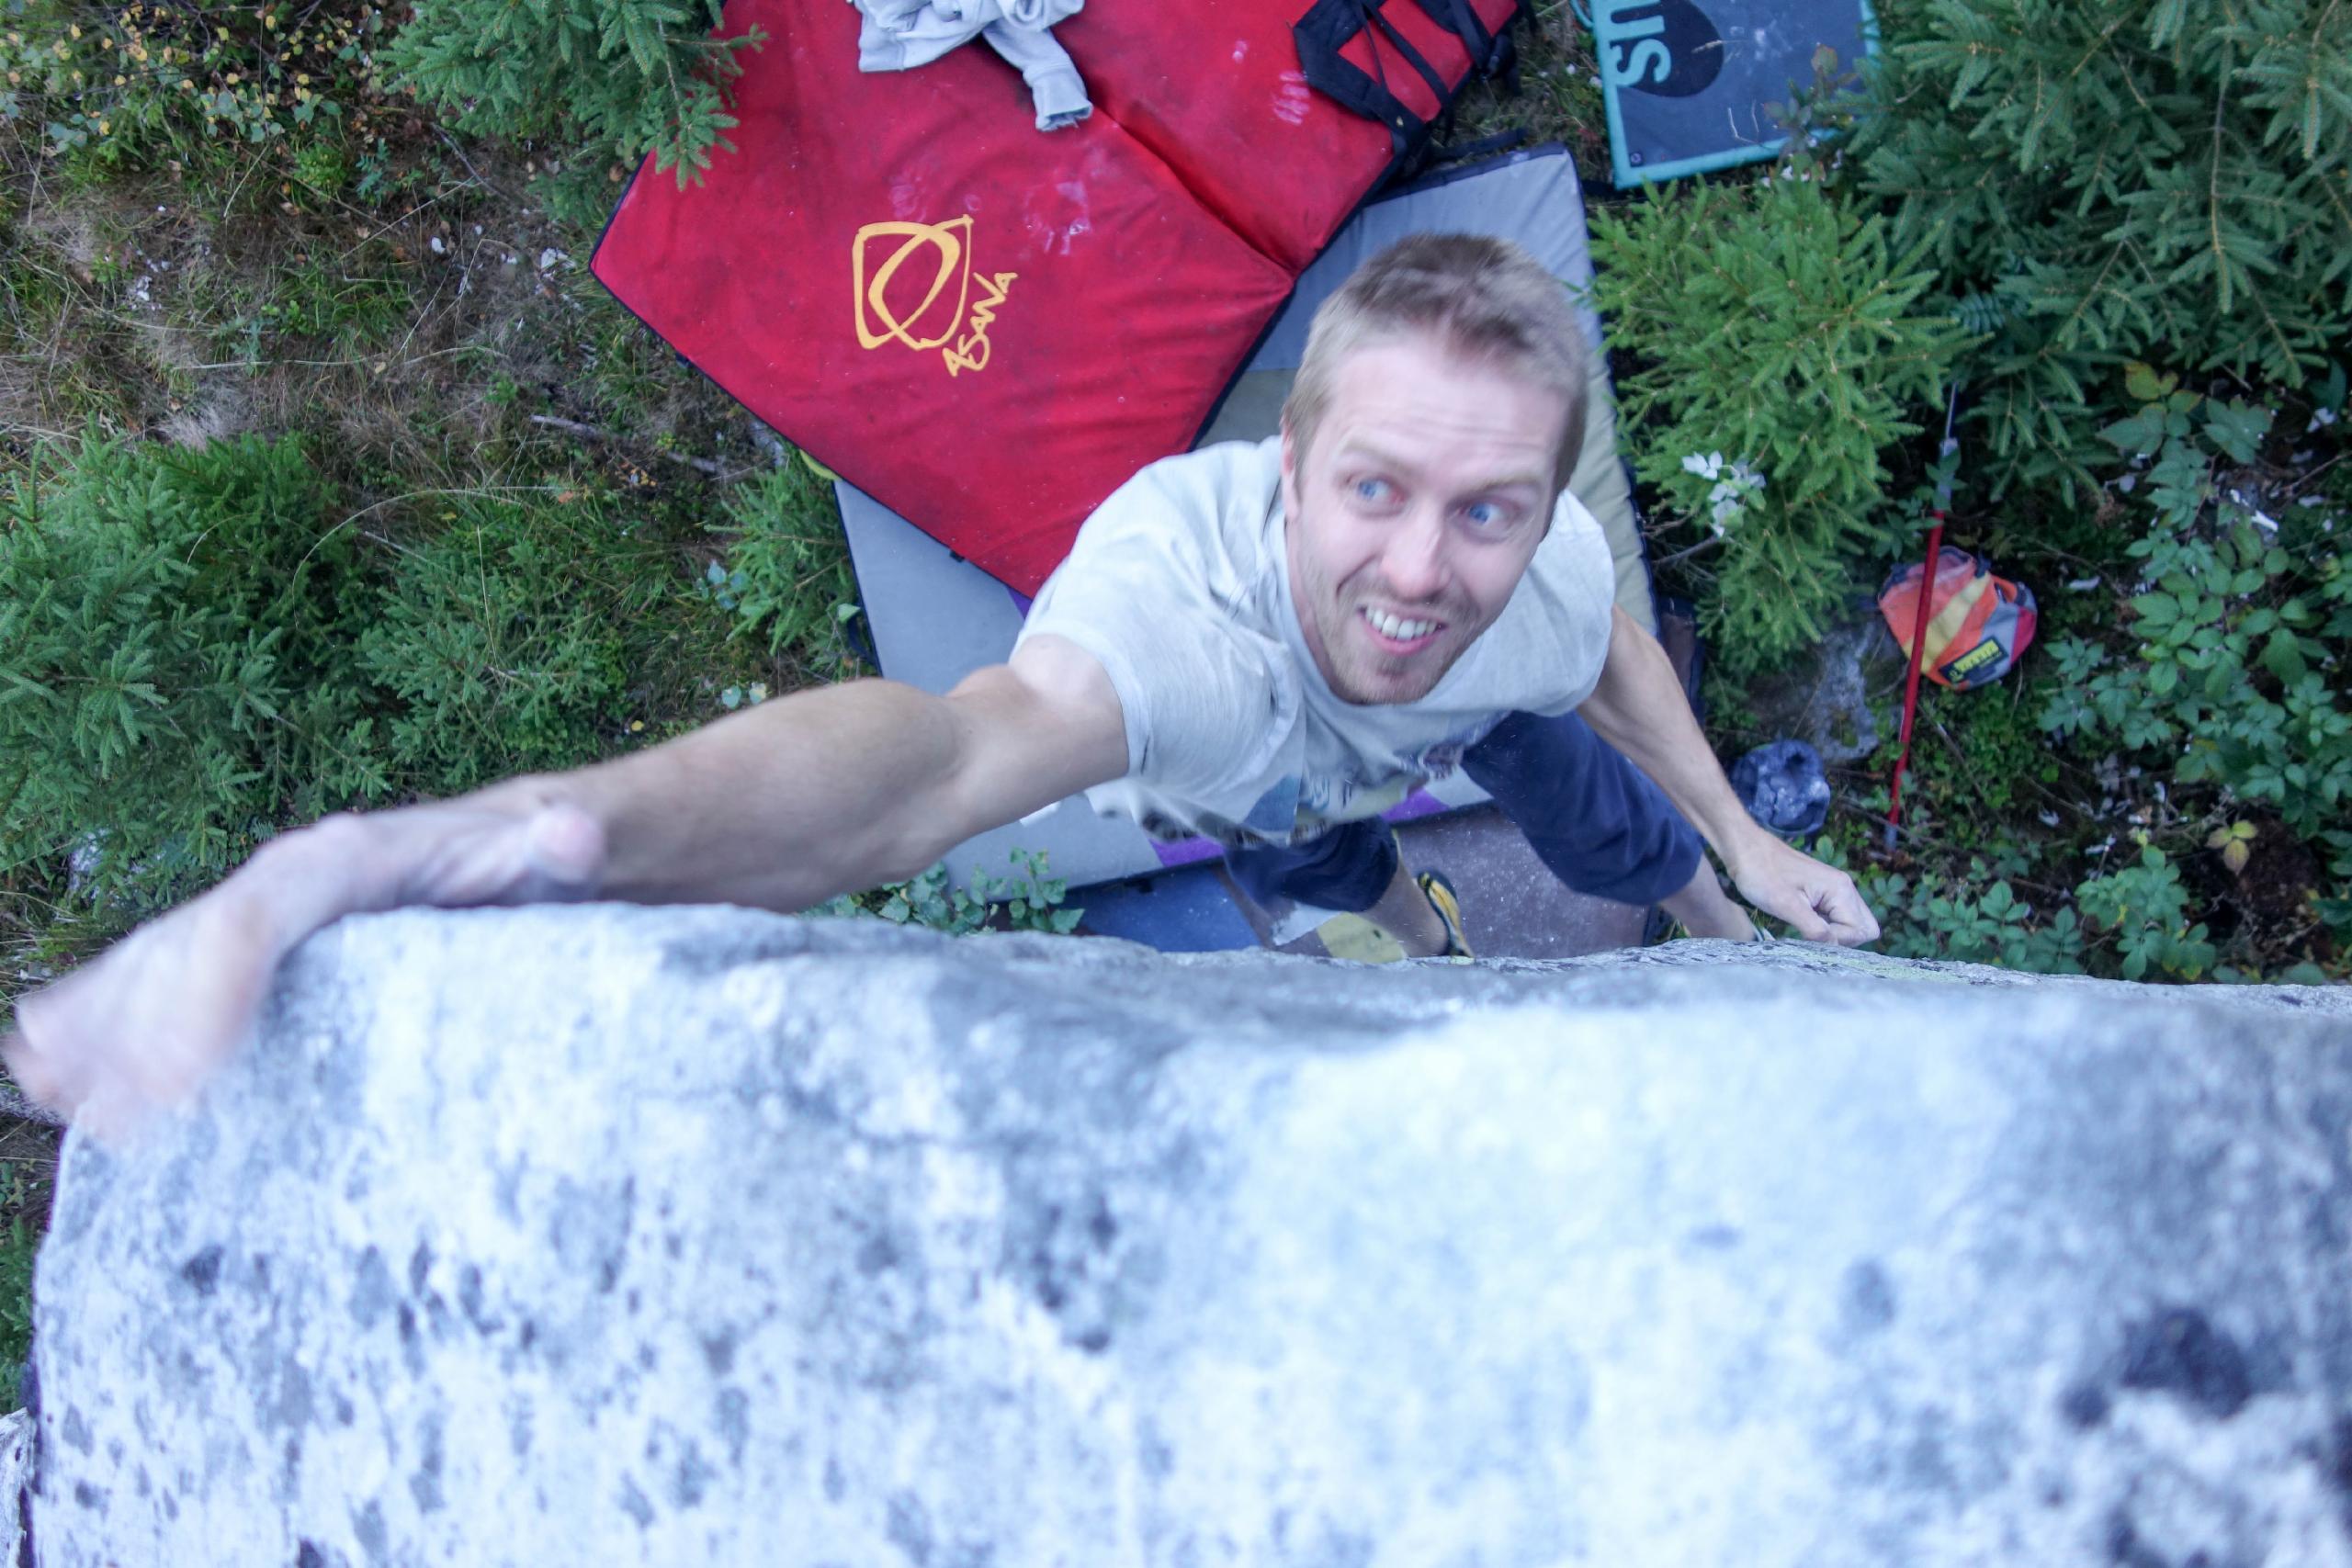 photographer: Jostein Øygarden, in photo: Ole Johnny Sandvik